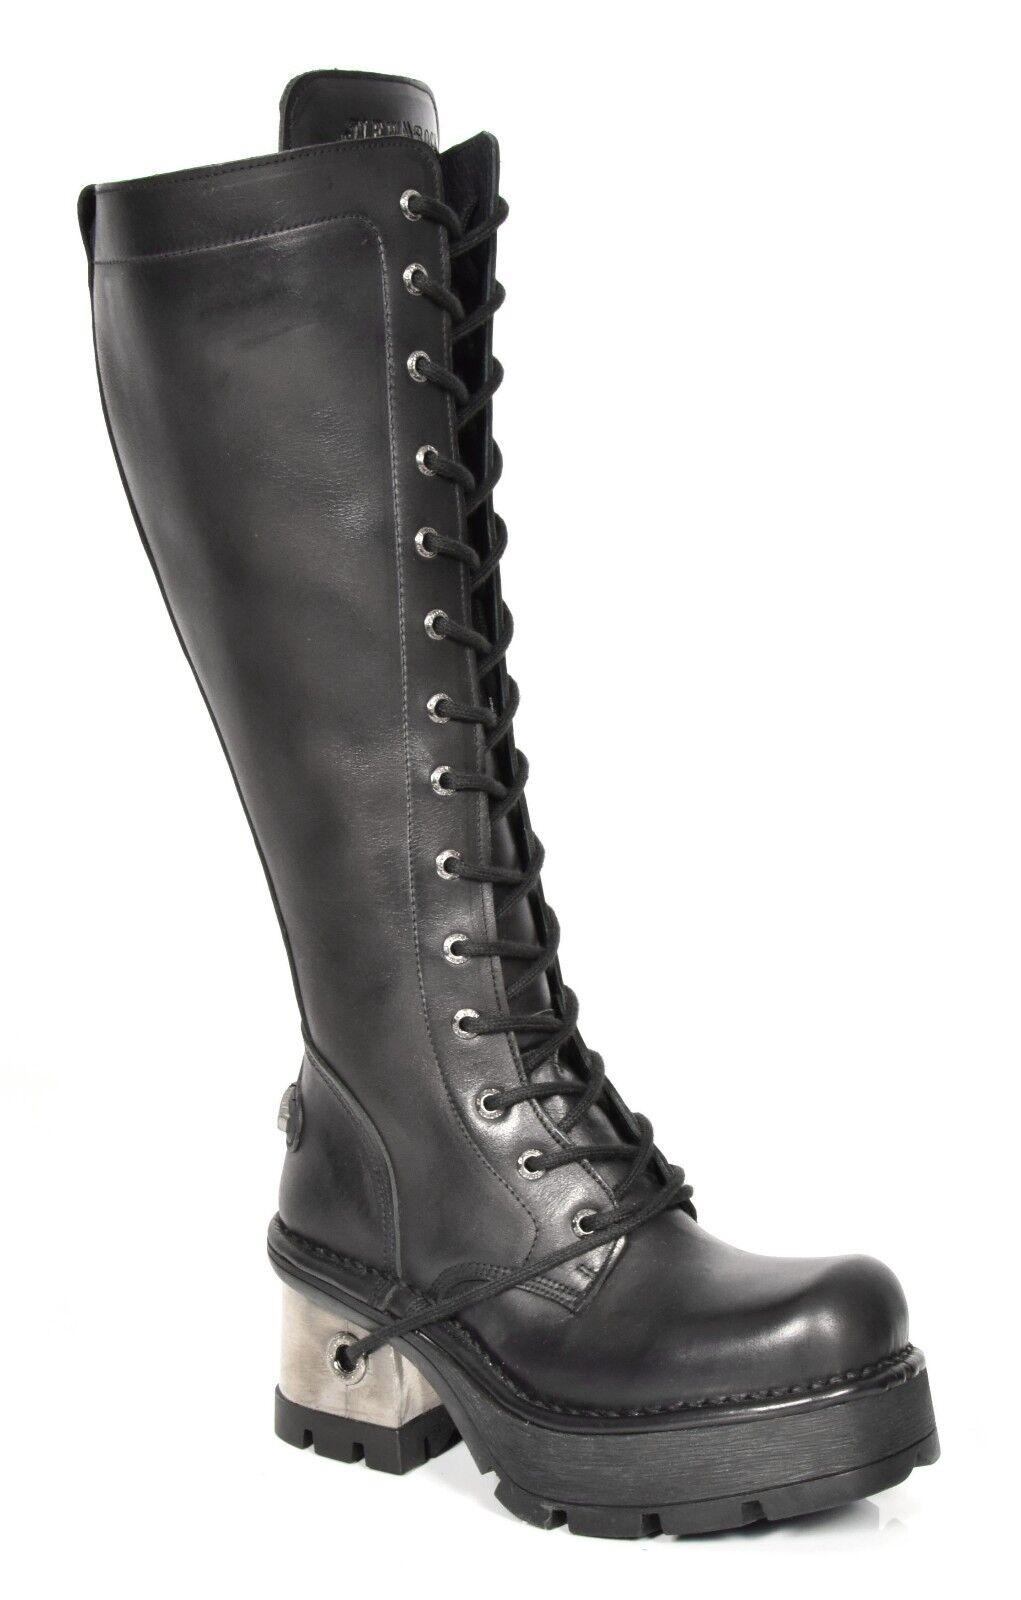 A la venta con descuento del 70%. New Rock mujer Gothic Gothic Gothic Biker Knee Length botas negro Platform Heel Leather zapatos  con 60% de descuento